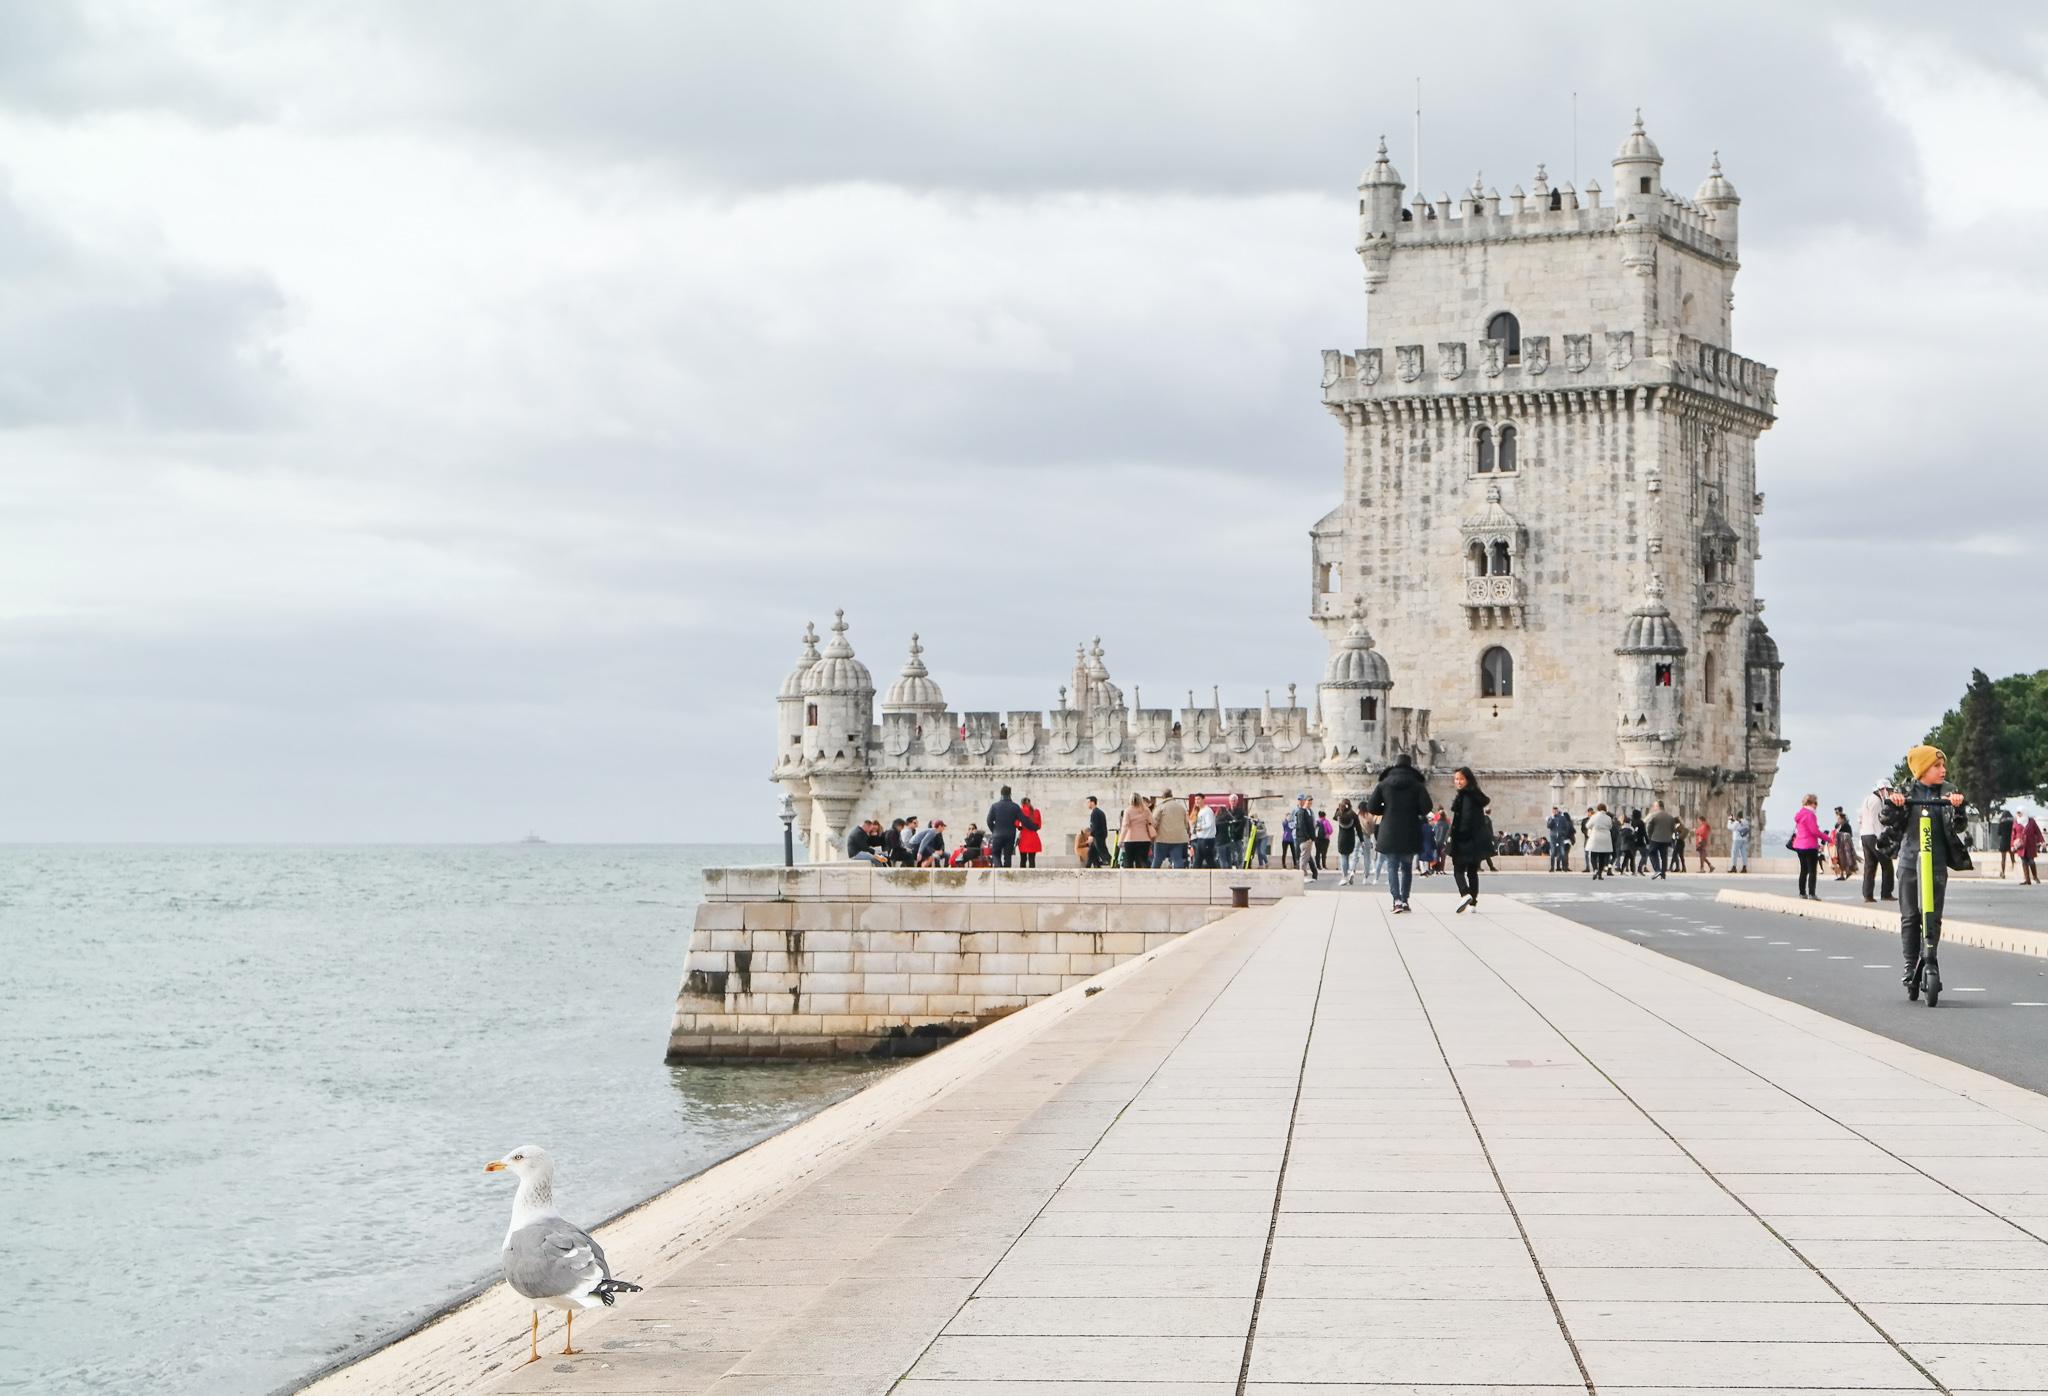 Torre de Belém med sina tinnar och torn.